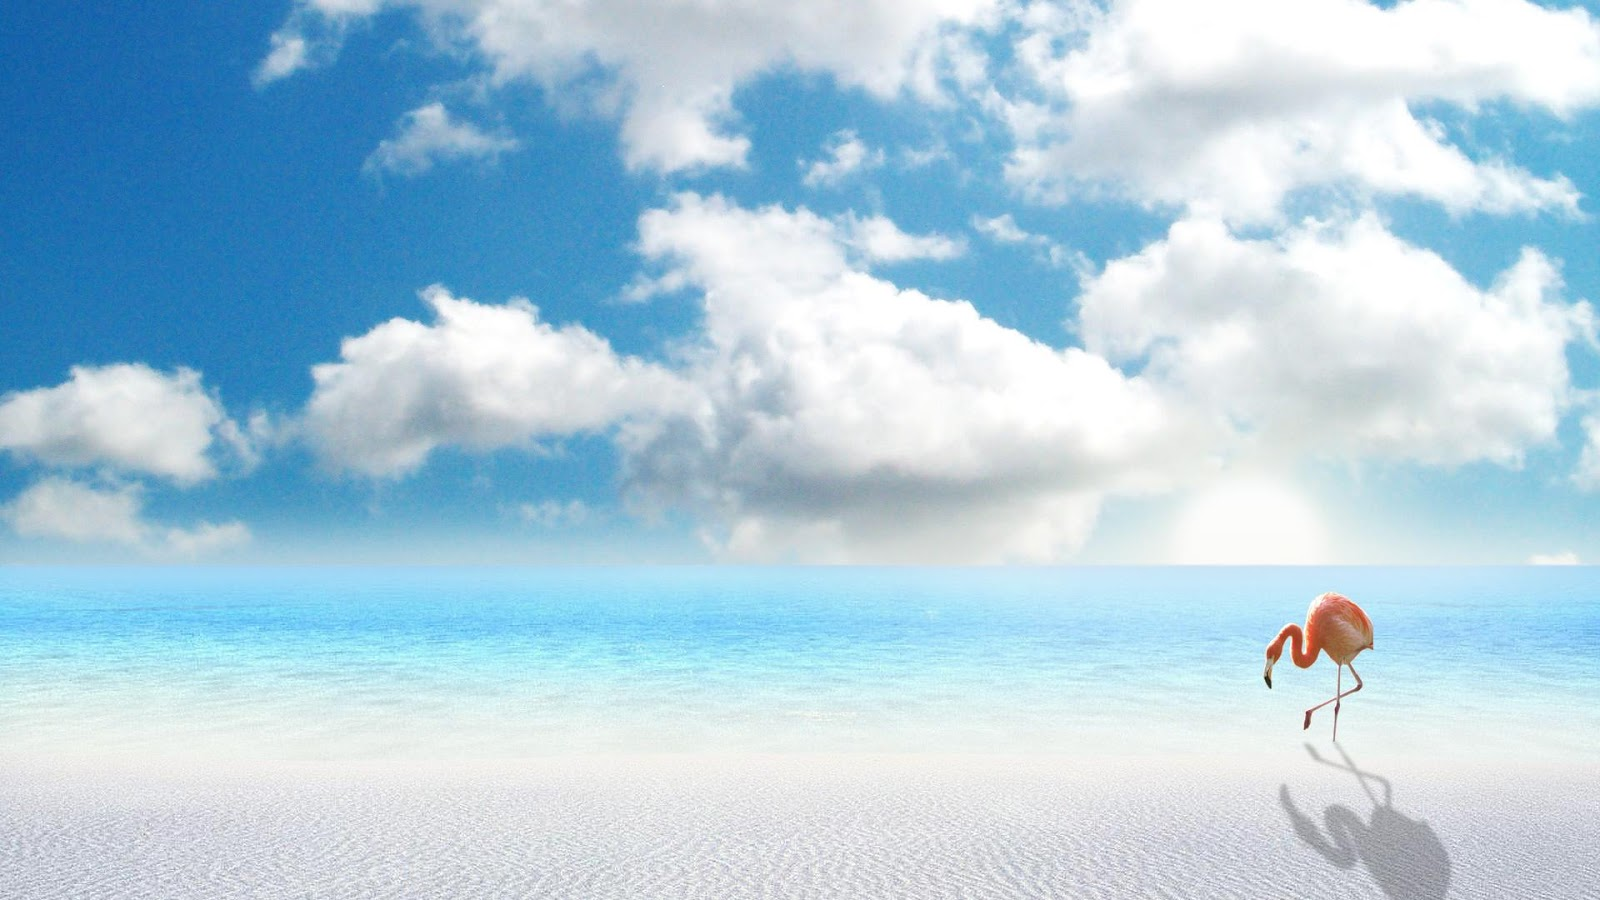 http://1.bp.blogspot.com/-nBkOm6A0res/UHaBxpC162I/AAAAAAAAIr0/pTfIGdeCKhw/s1600/beach-wallpaper-hd-56.jpg